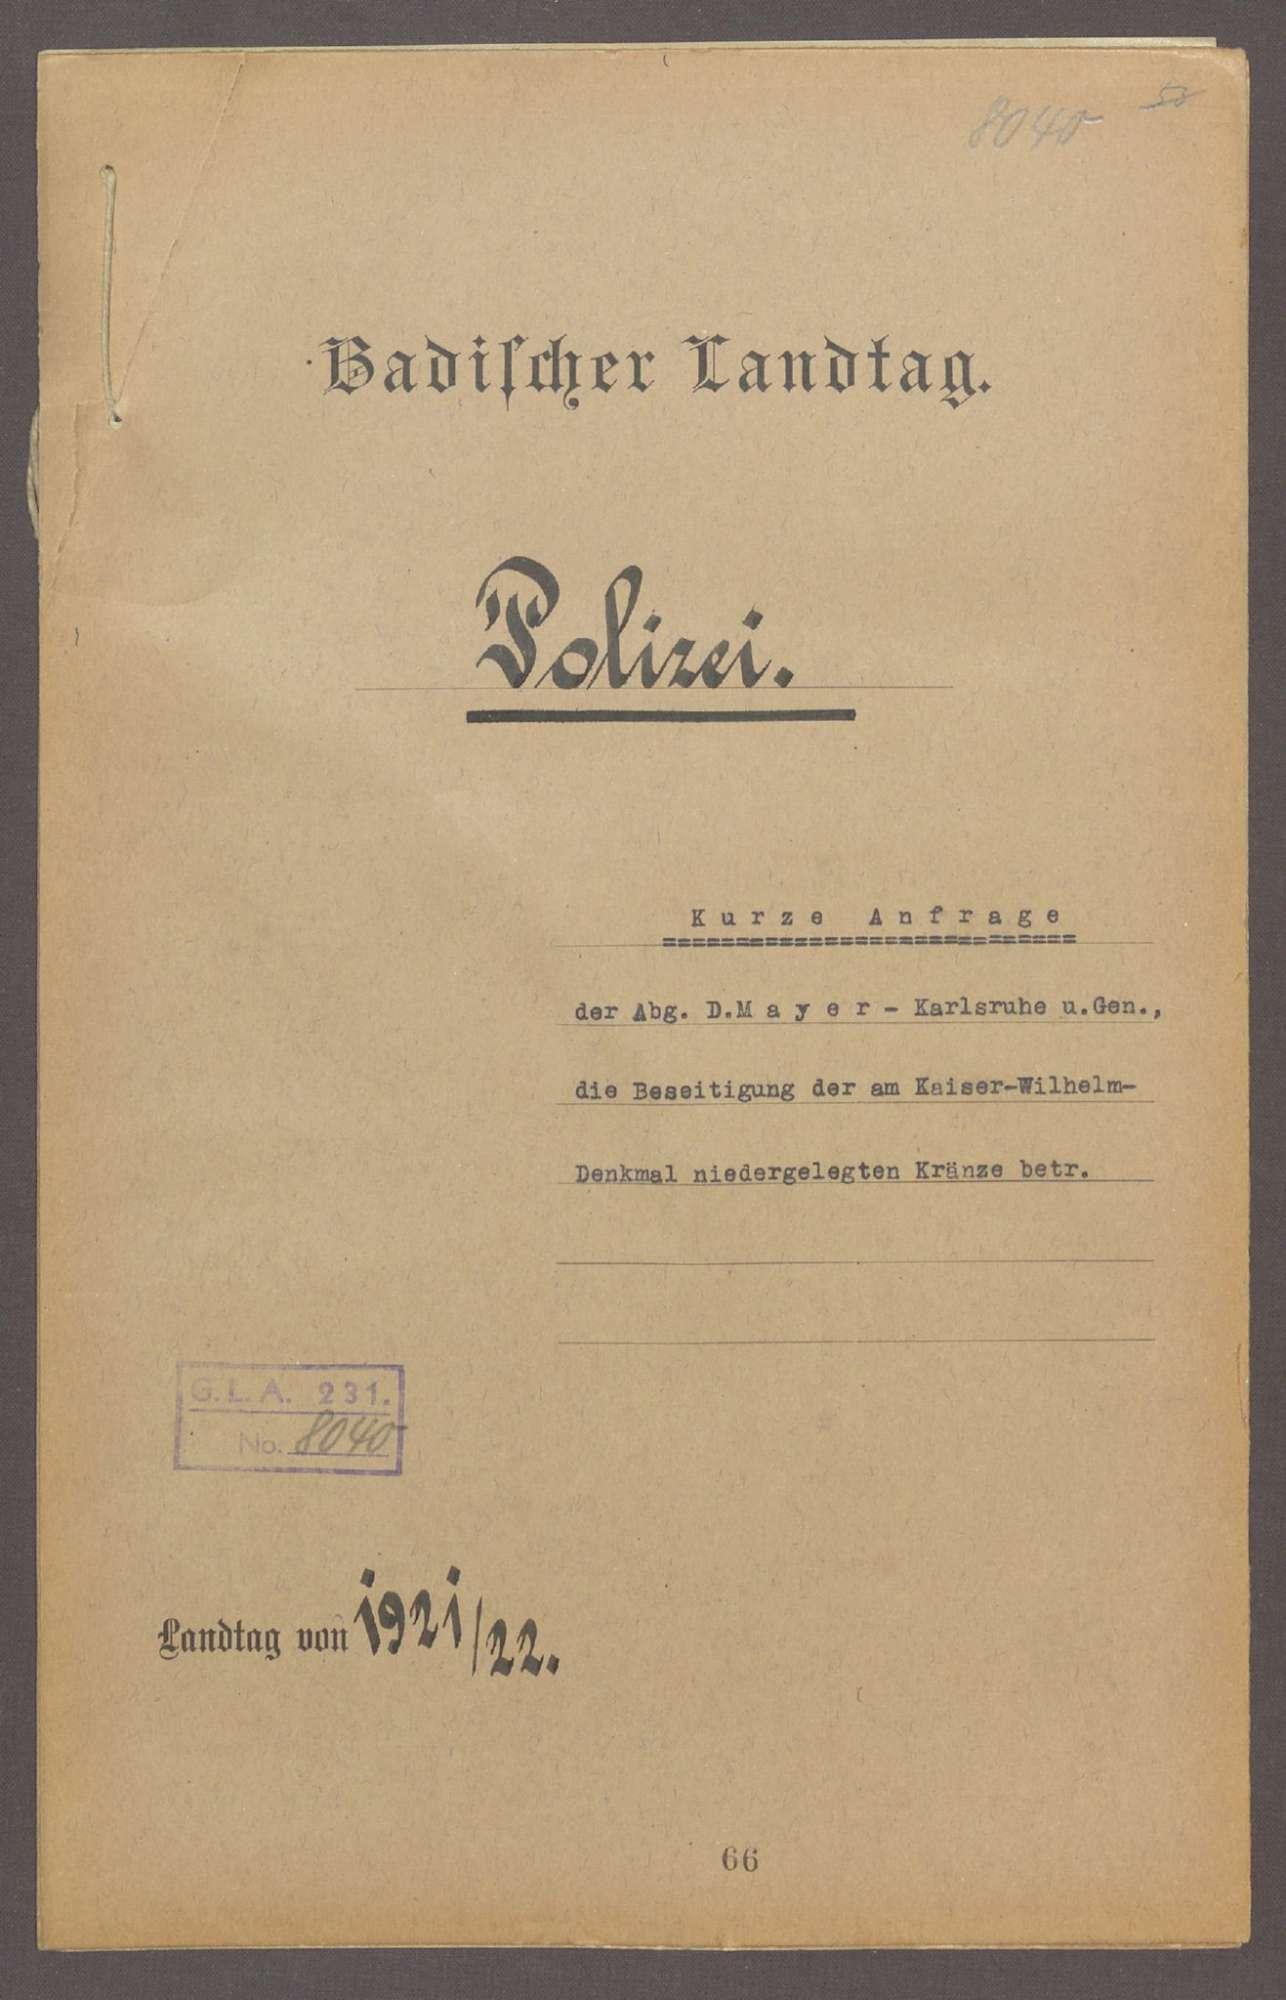 Kurze Anfrage der Abg. D. Mayer (Karlsruhe) u. Gen., die Beseitigung der am Kaiser-Wilhelm-Denkmal niedergelegten Kränze betr., Bild 1